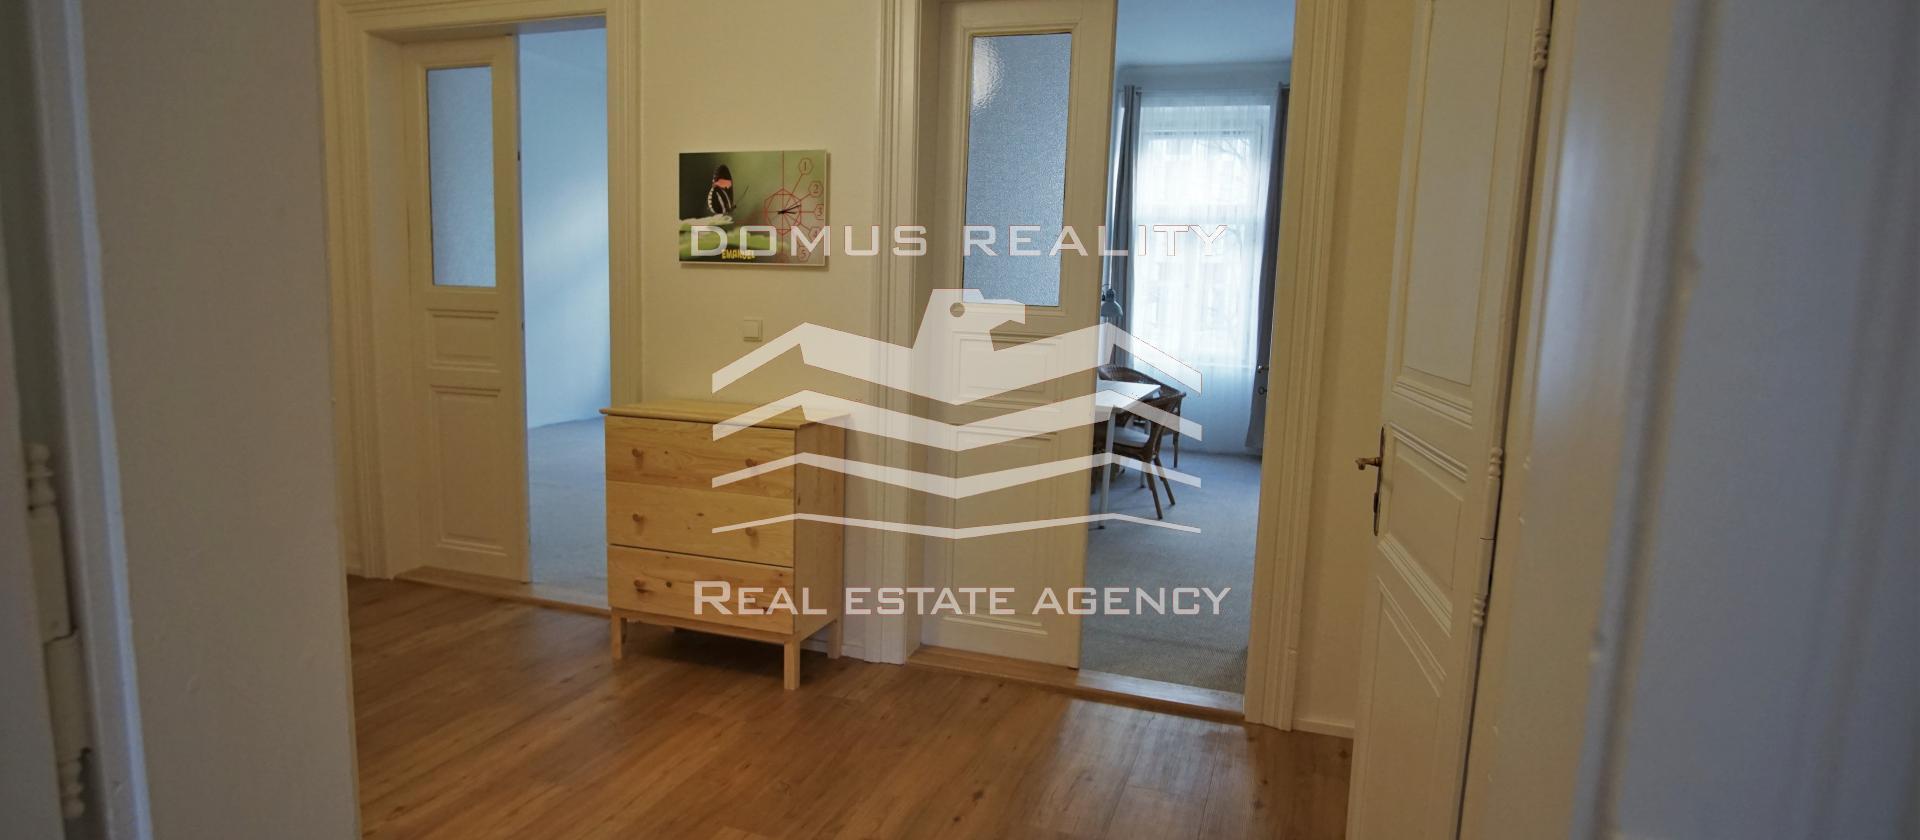 Domus reality  nabízí k pronájmu byt 3+kk o ploše 80 metrů čtverečních, ve druhém patře na adrese Korunní  - Vinohrady